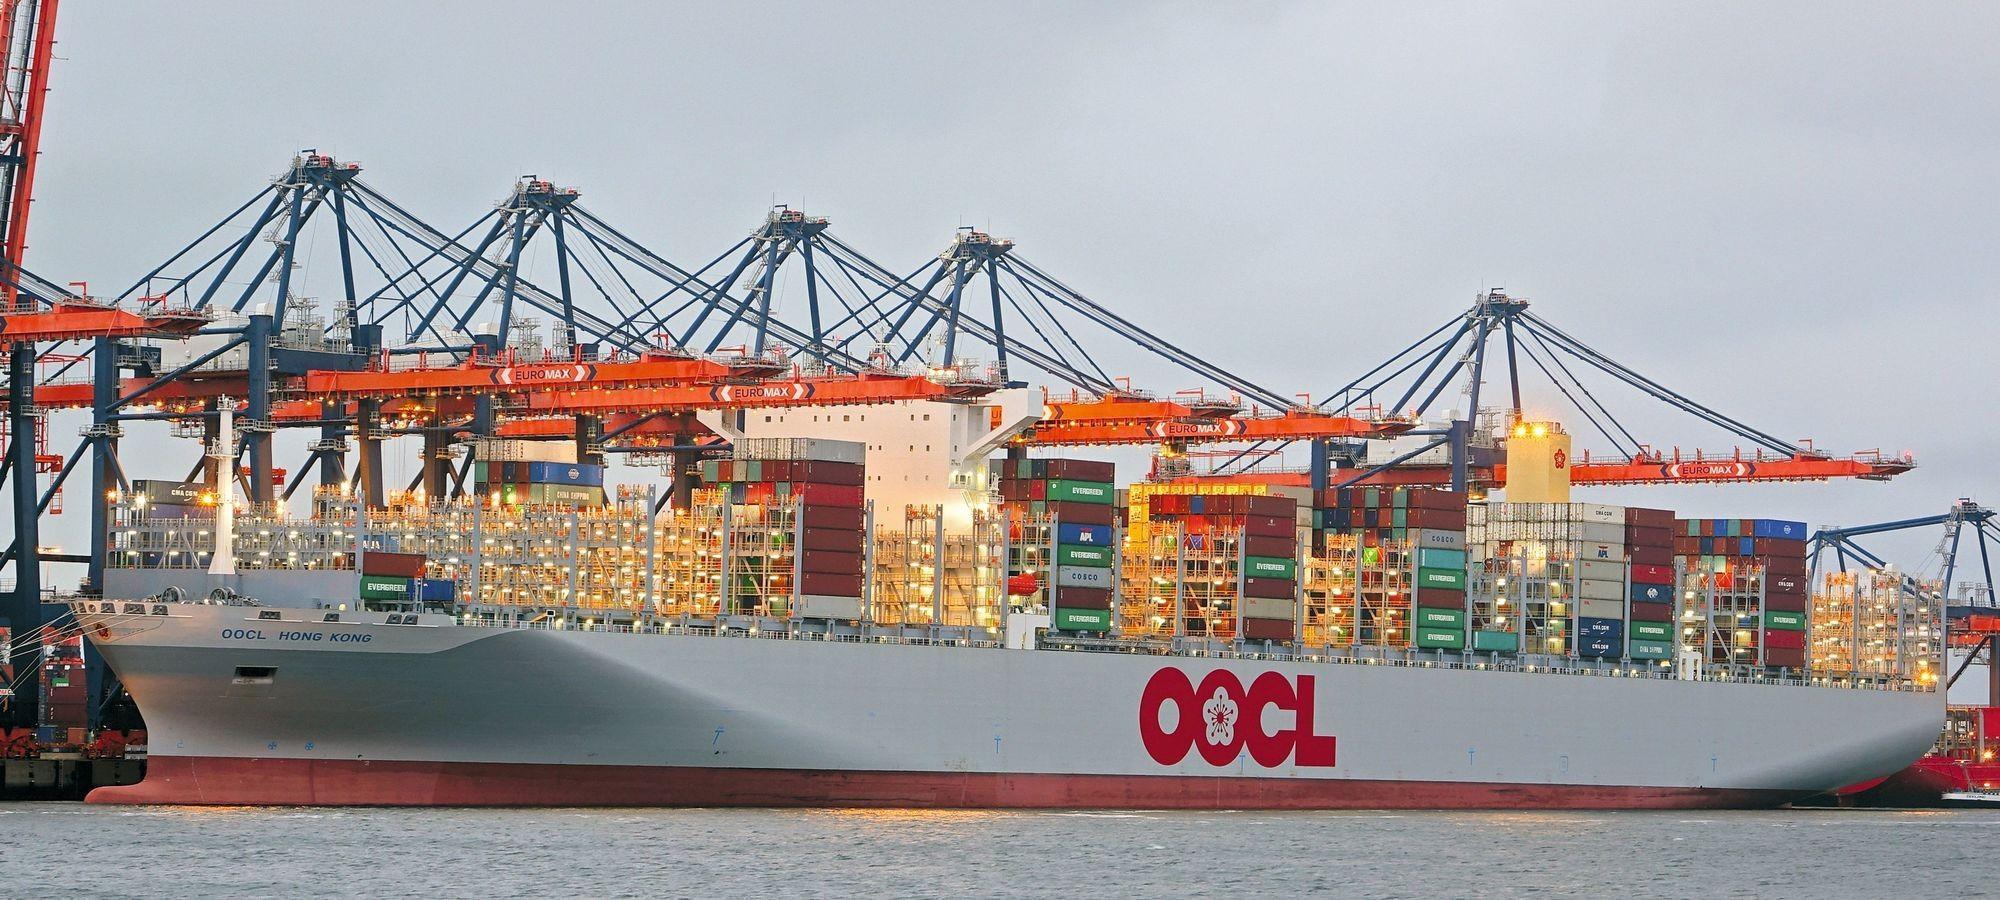 L'OOCL, basé à Hong Kong